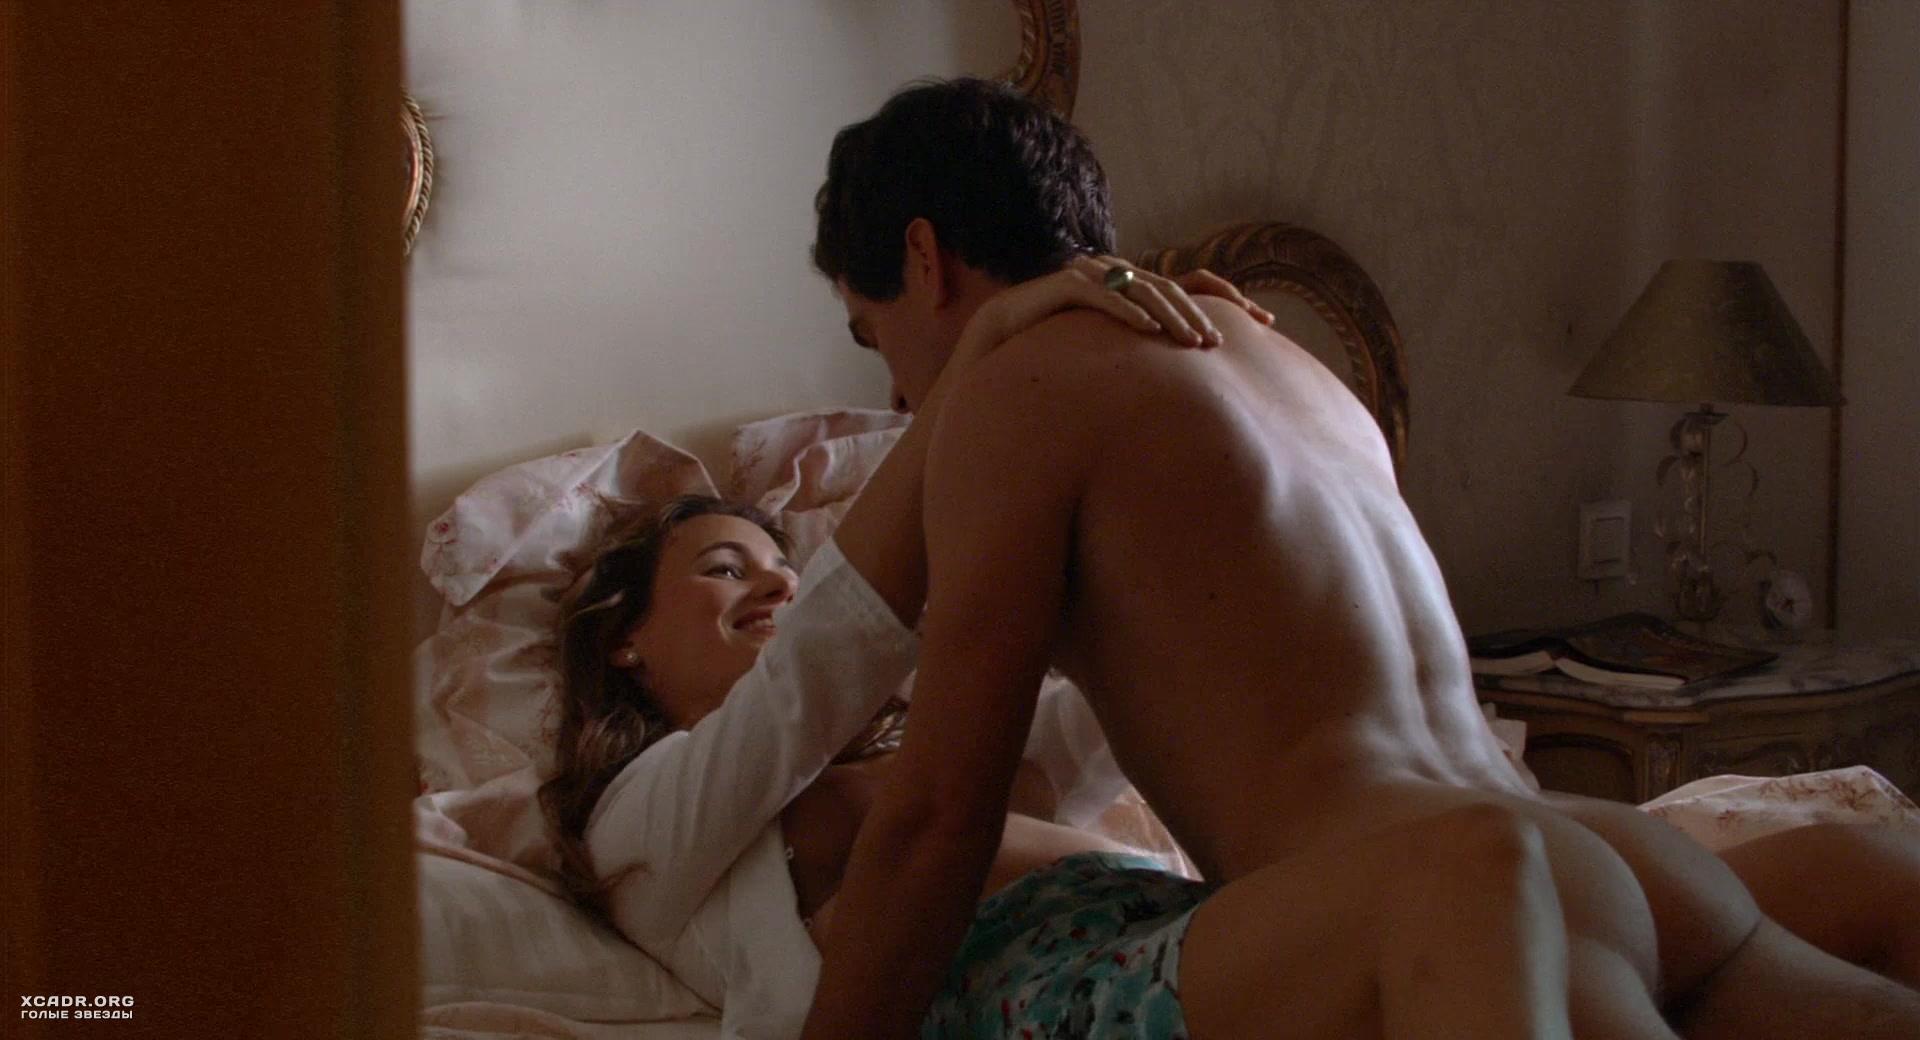 Смотреть порно сцены из Художественных фильмов